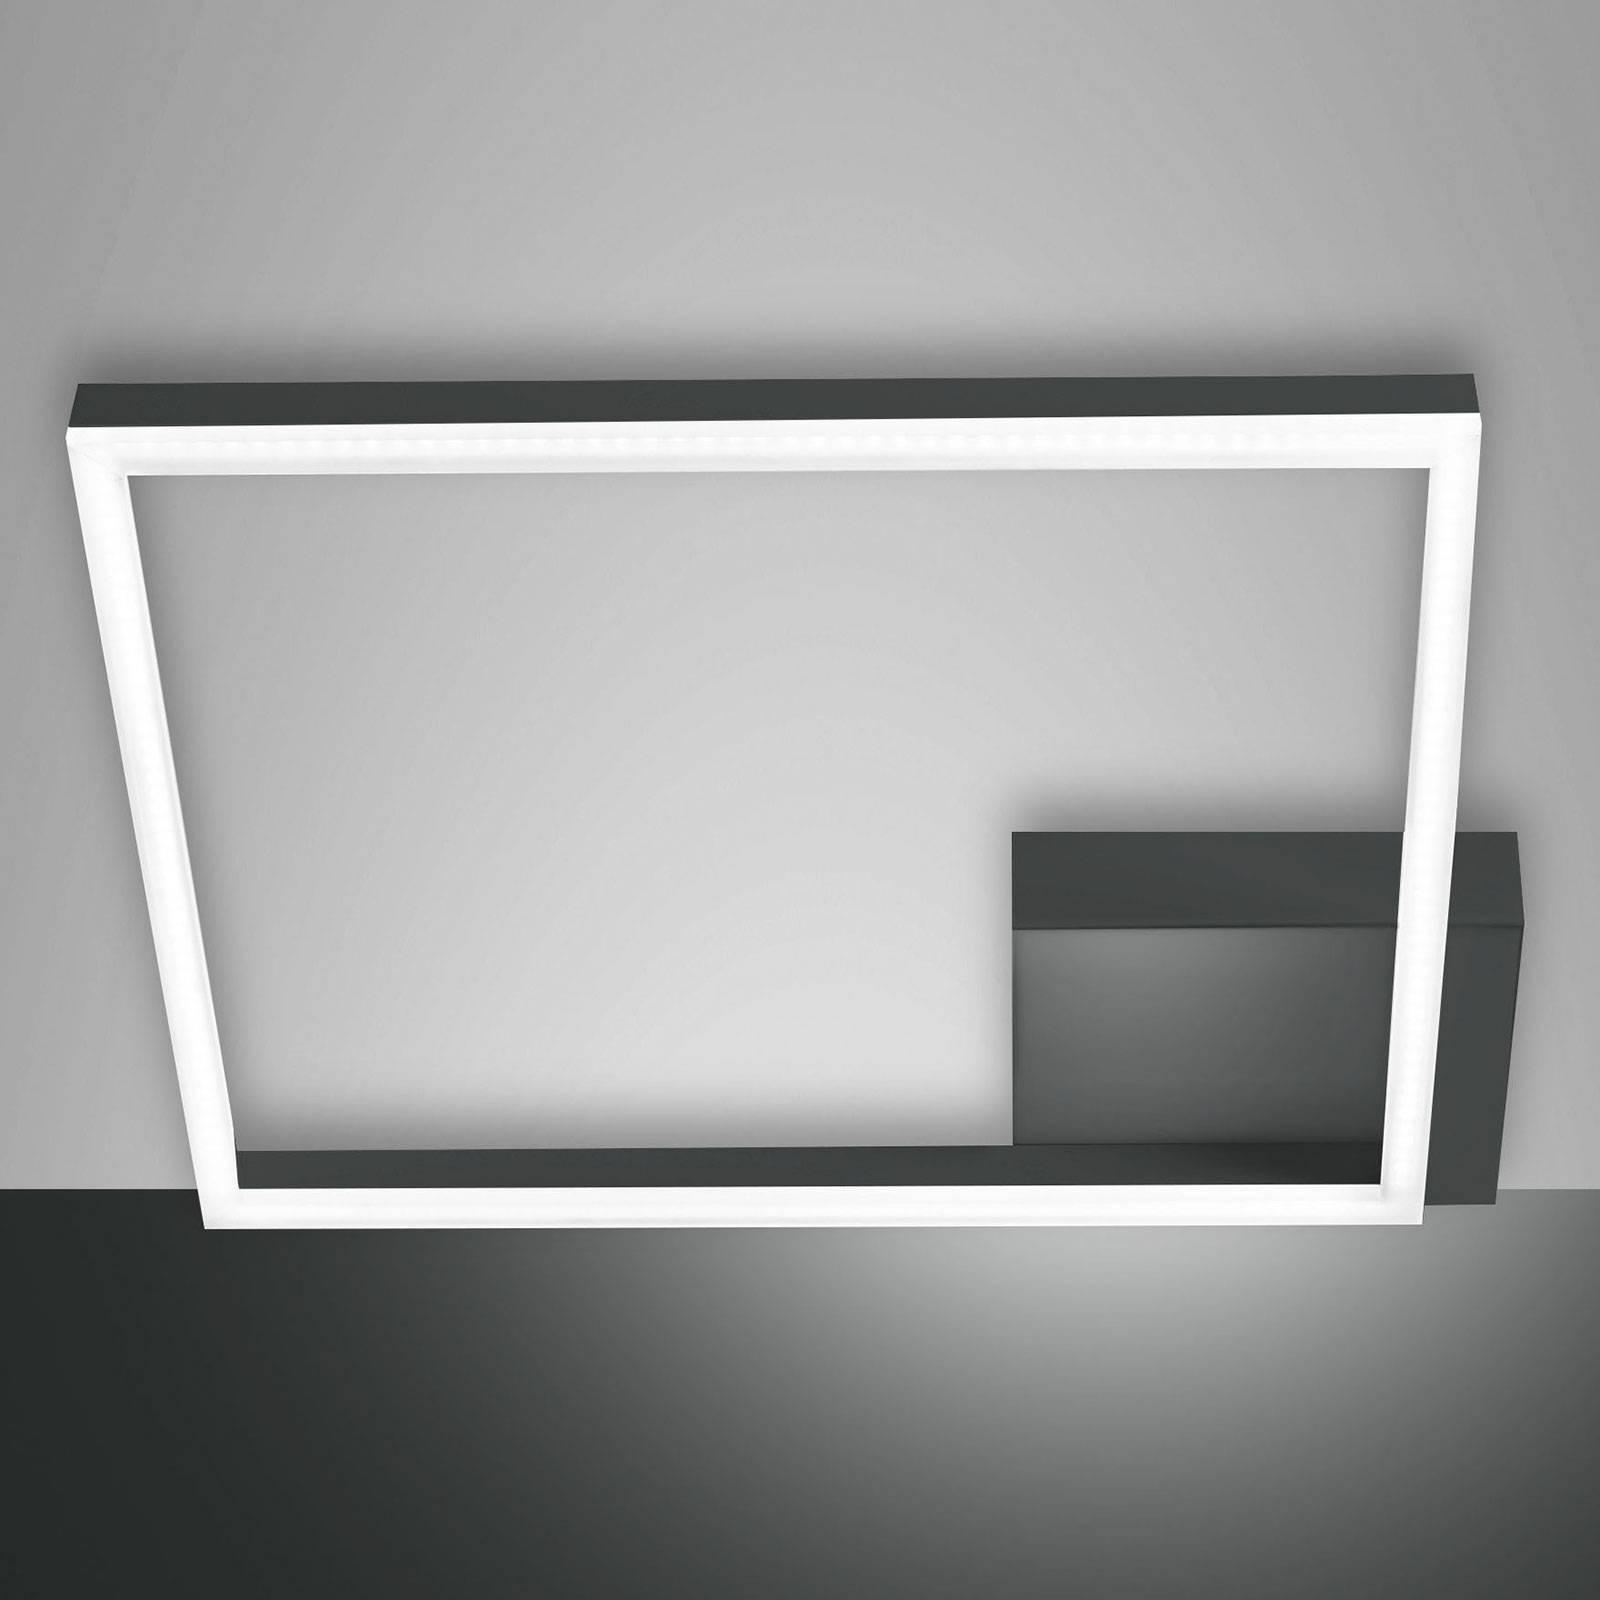 LED-Deckenleuchte Bard, 42x42 cm, anthrazit